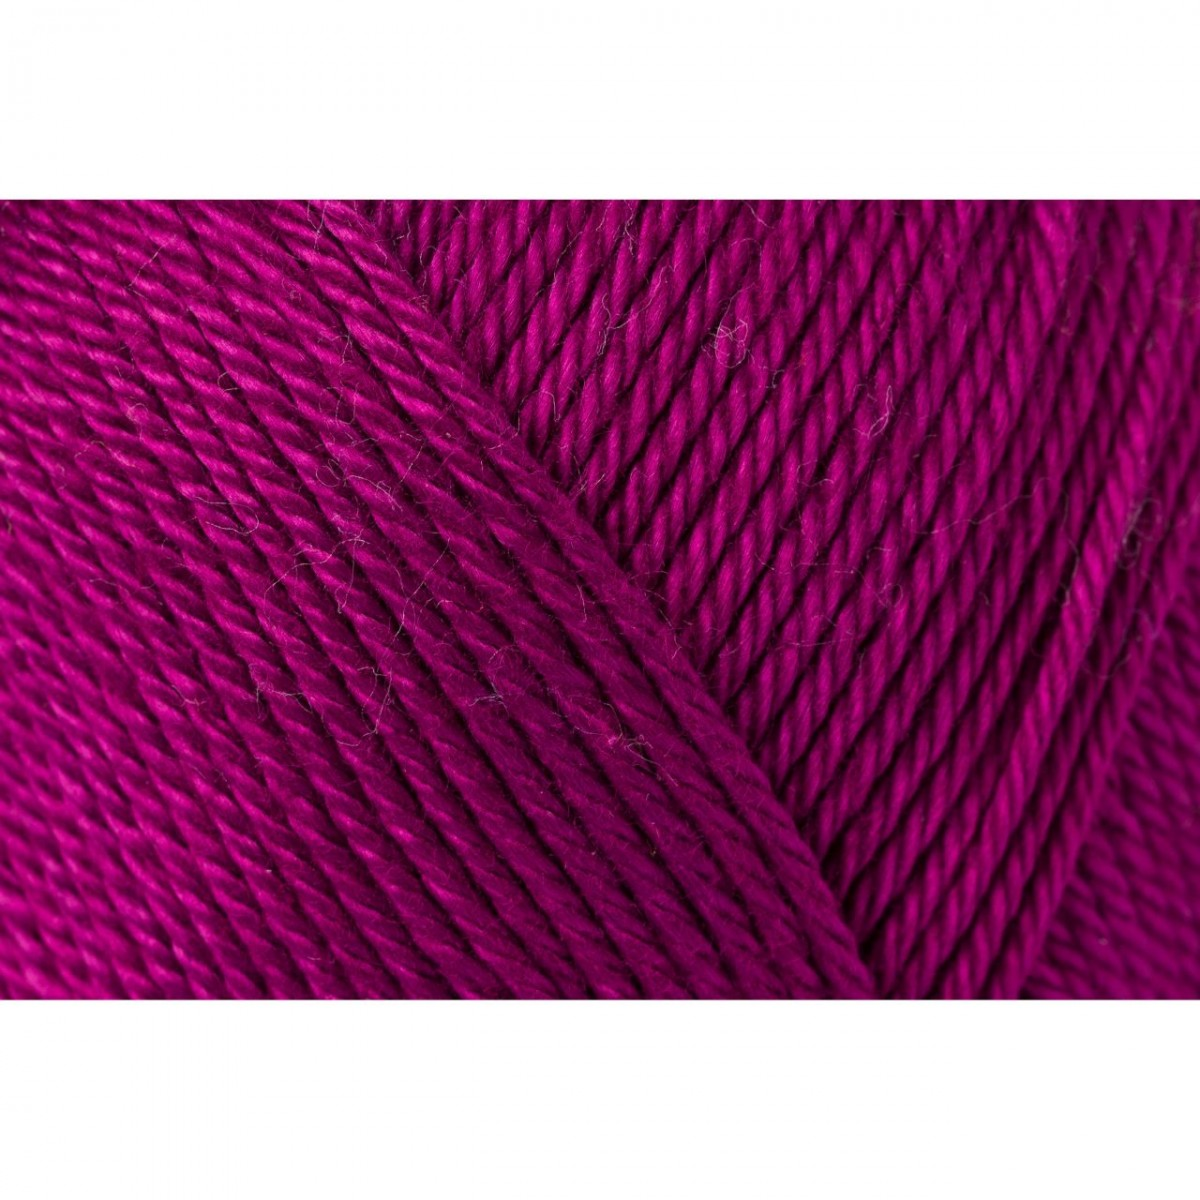 FUCHSIA 00128 CATANIA von Schachenmayr - 50 g // ca 125 m Wolle